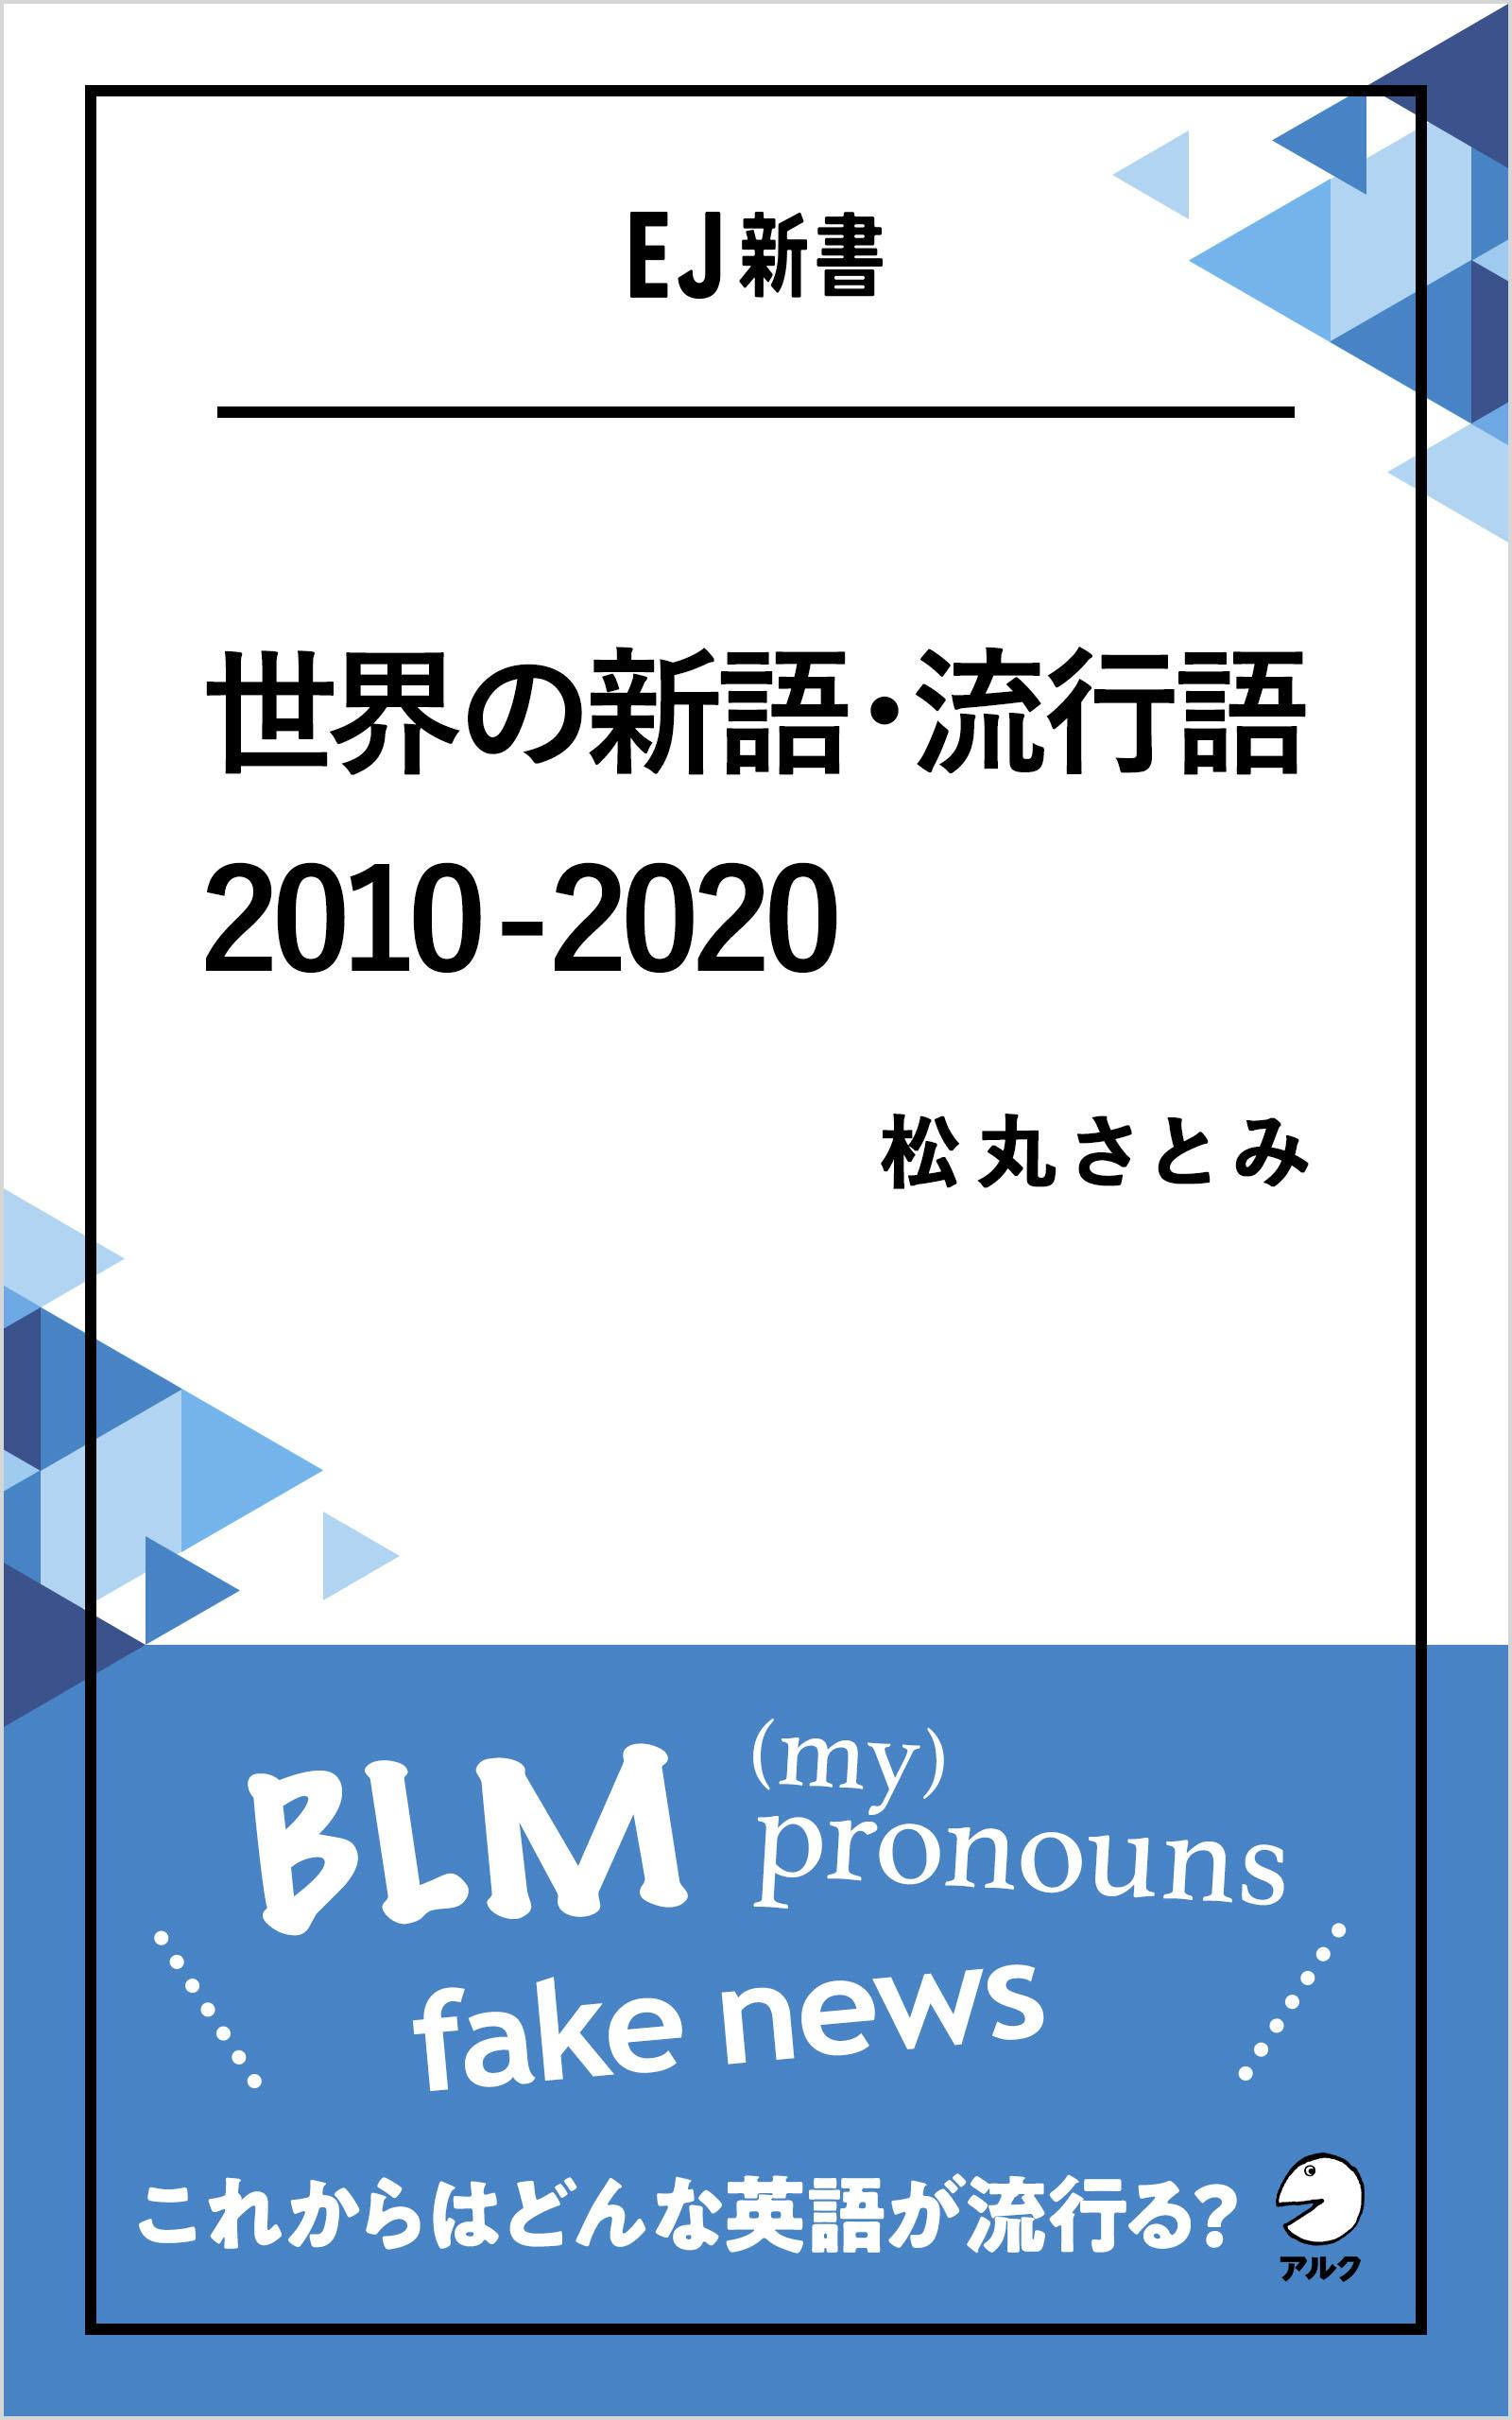 『世界の新語・流行語 2010-2020』松丸さとみ著